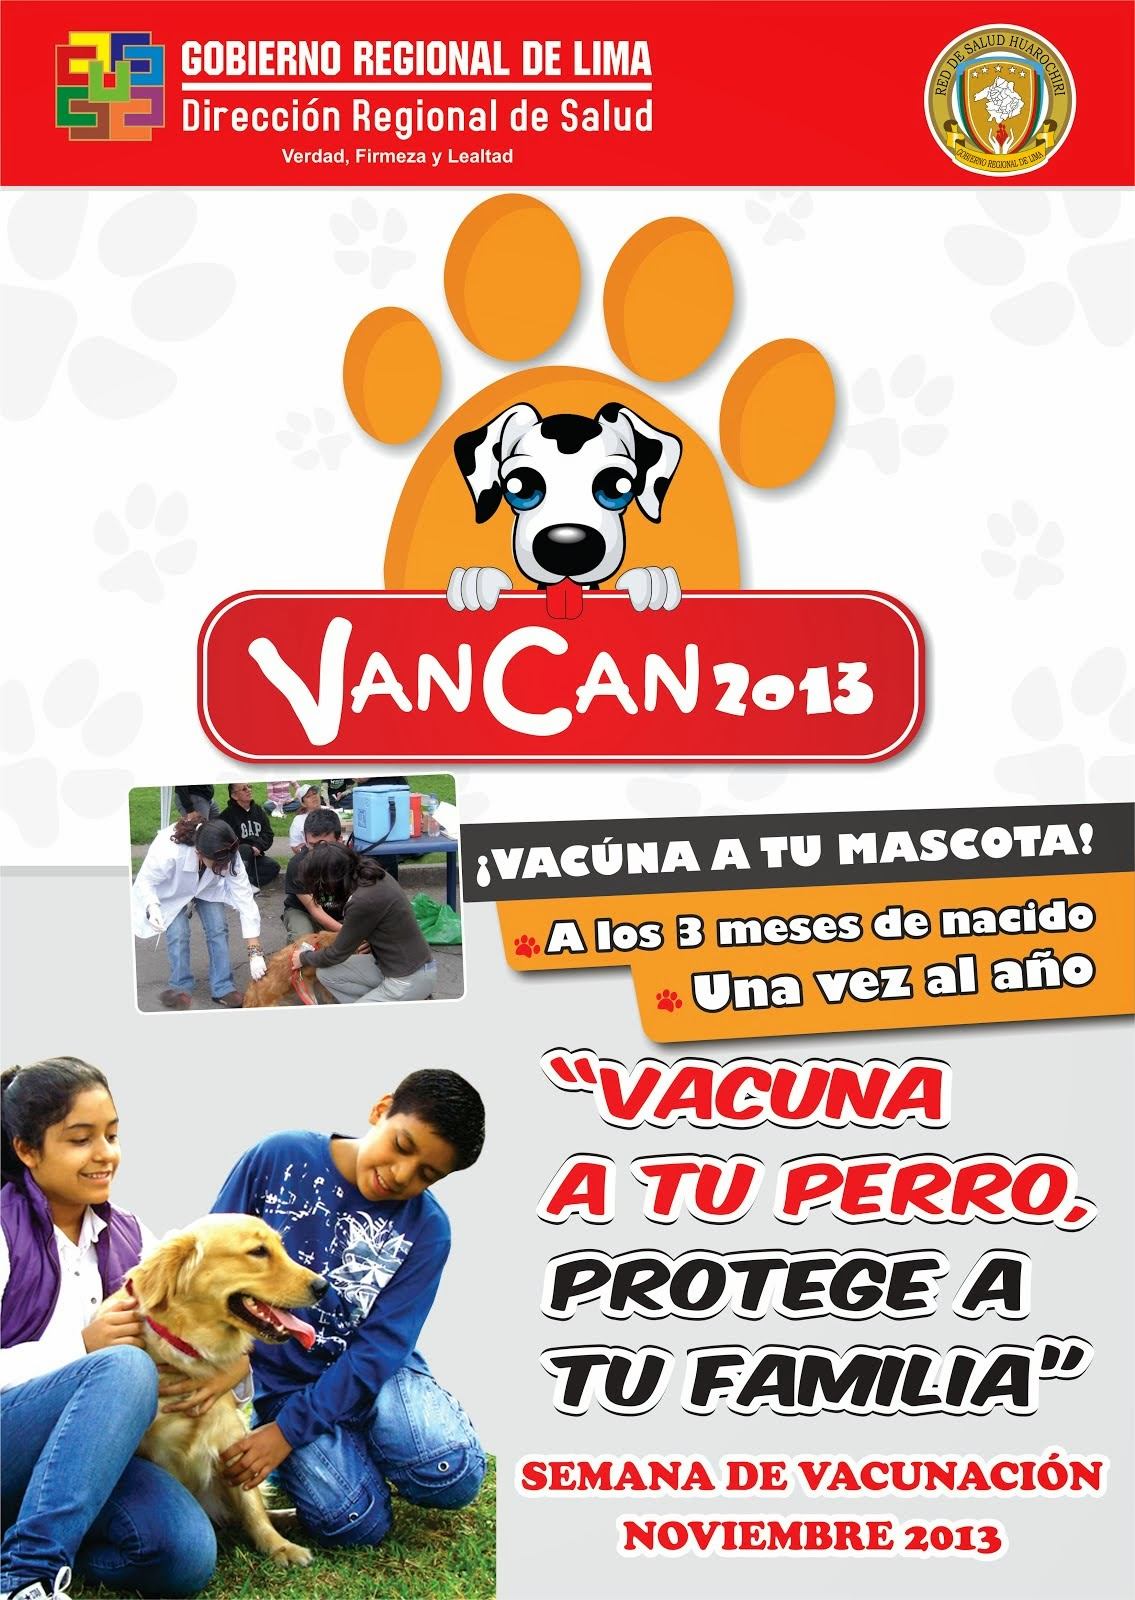 van can 2013